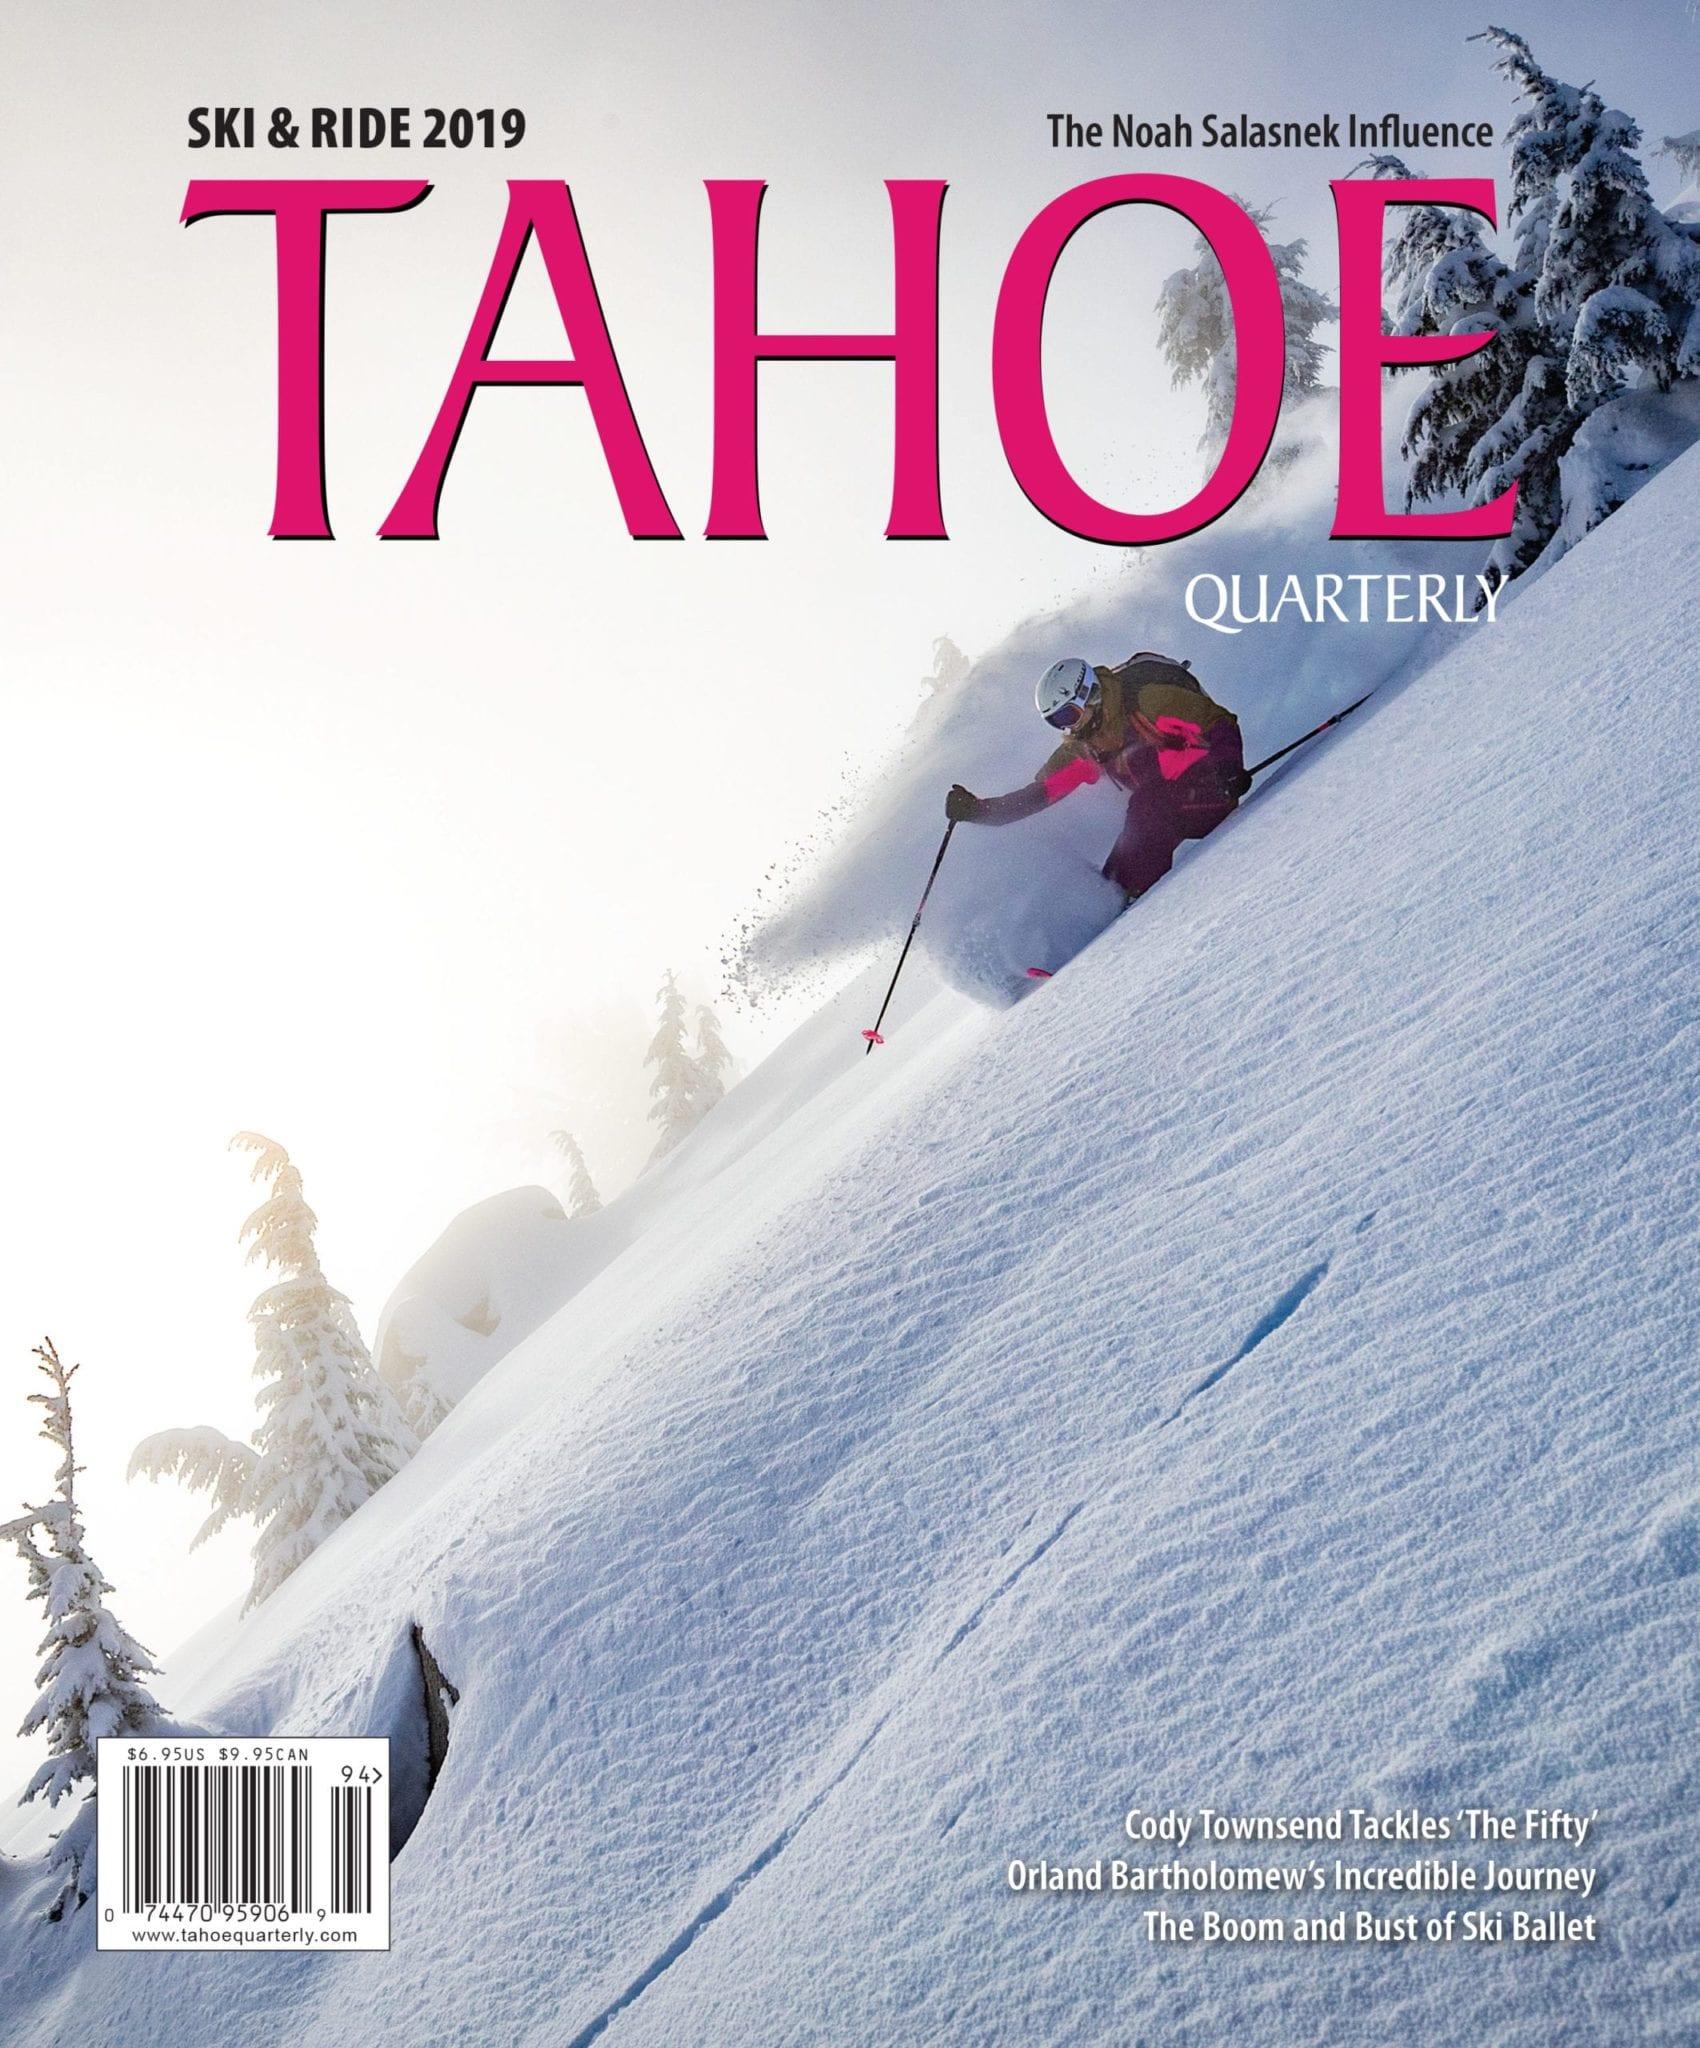 Ski & Ride 2019 Cover